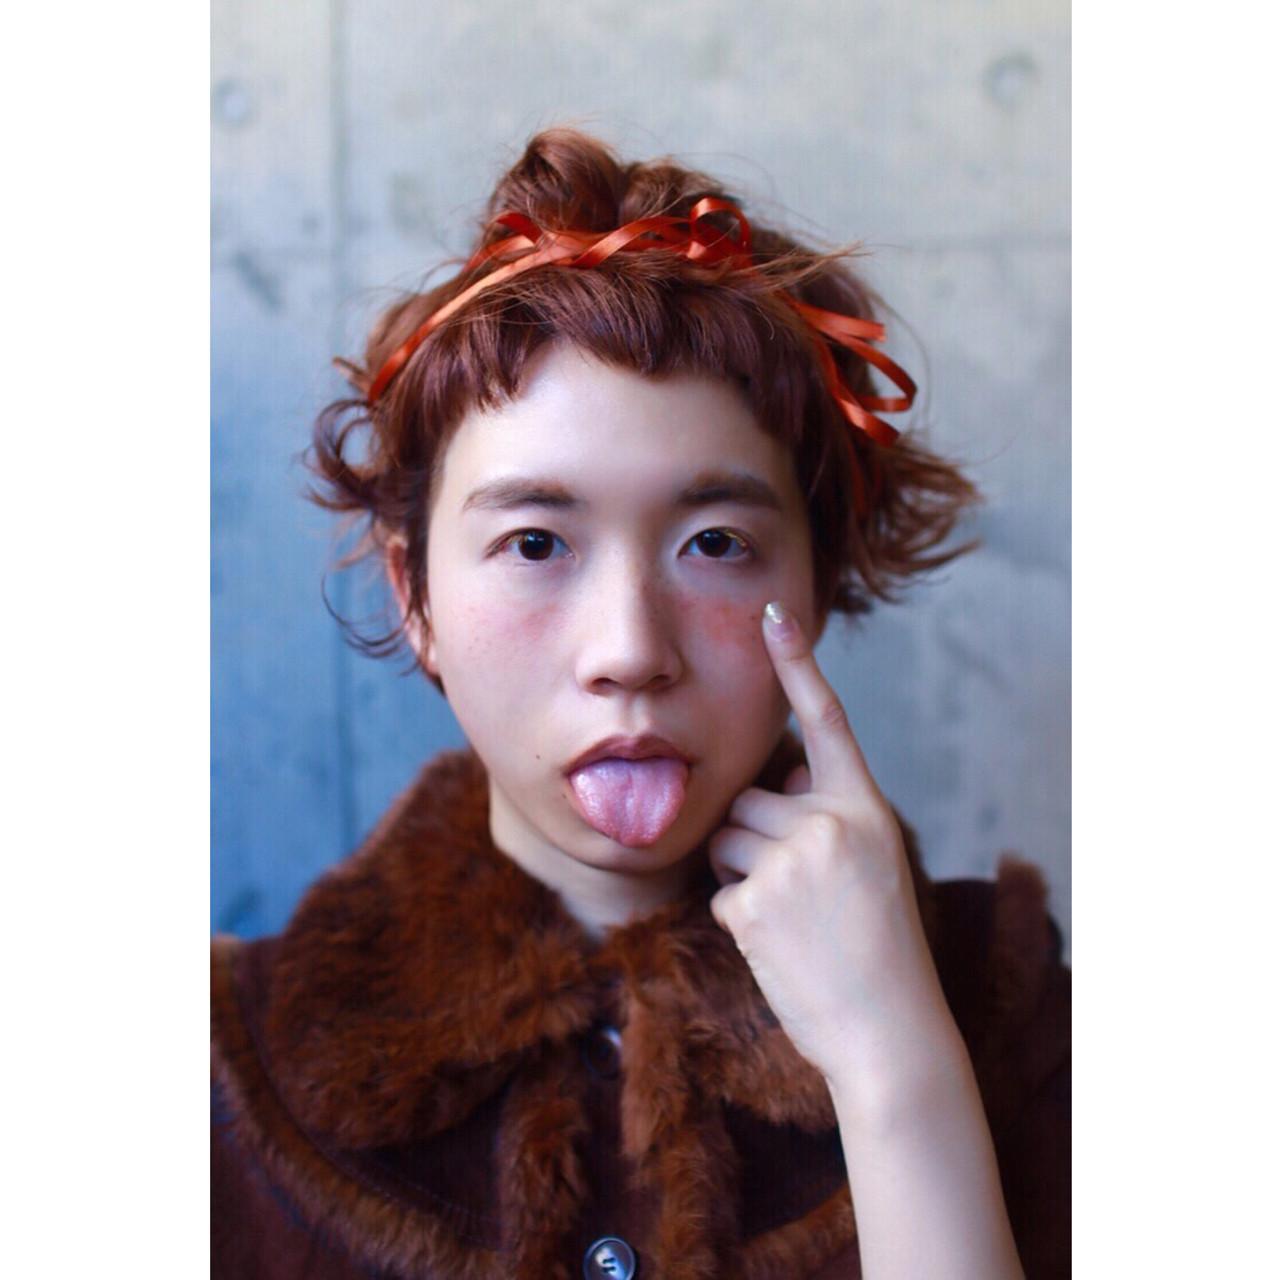 ヘアアレンジ ナチュラル オレンジ パーマ ヘアスタイルや髪型の写真・画像